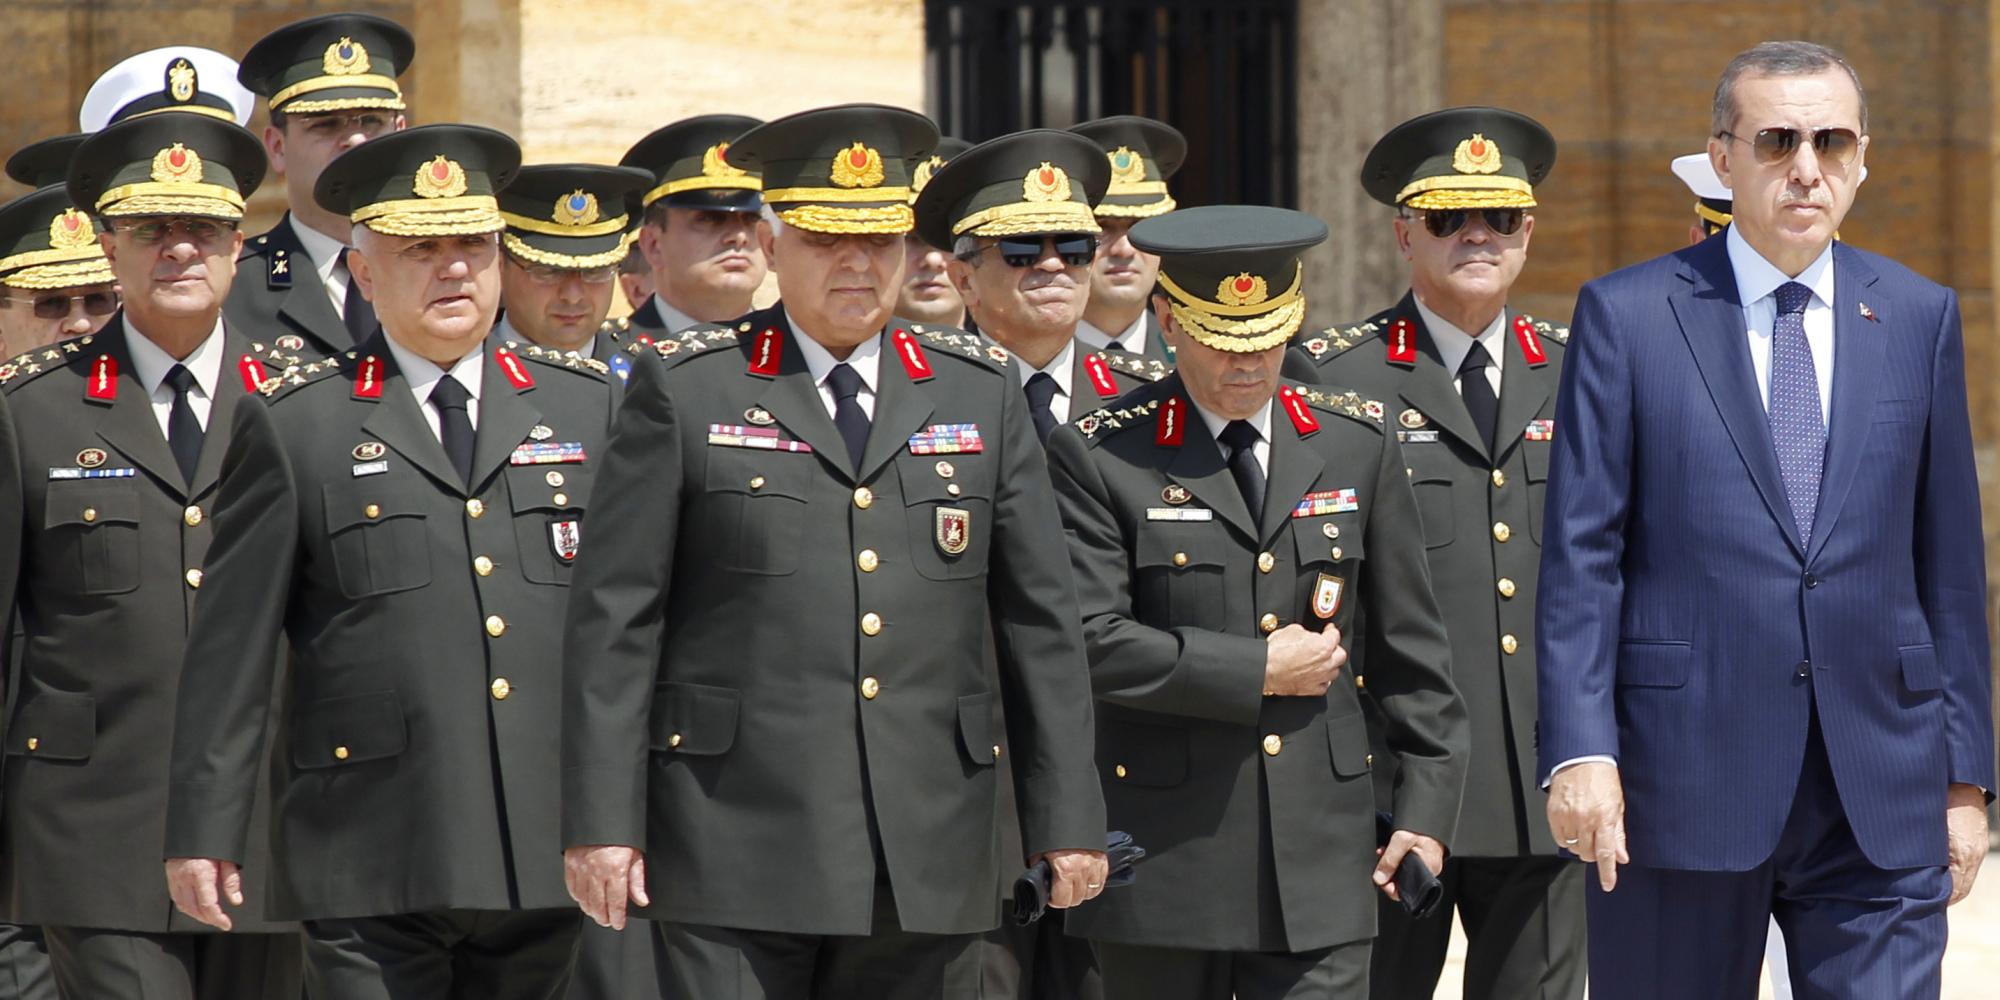 مجلس الشورى العسكري التركي يجتمع